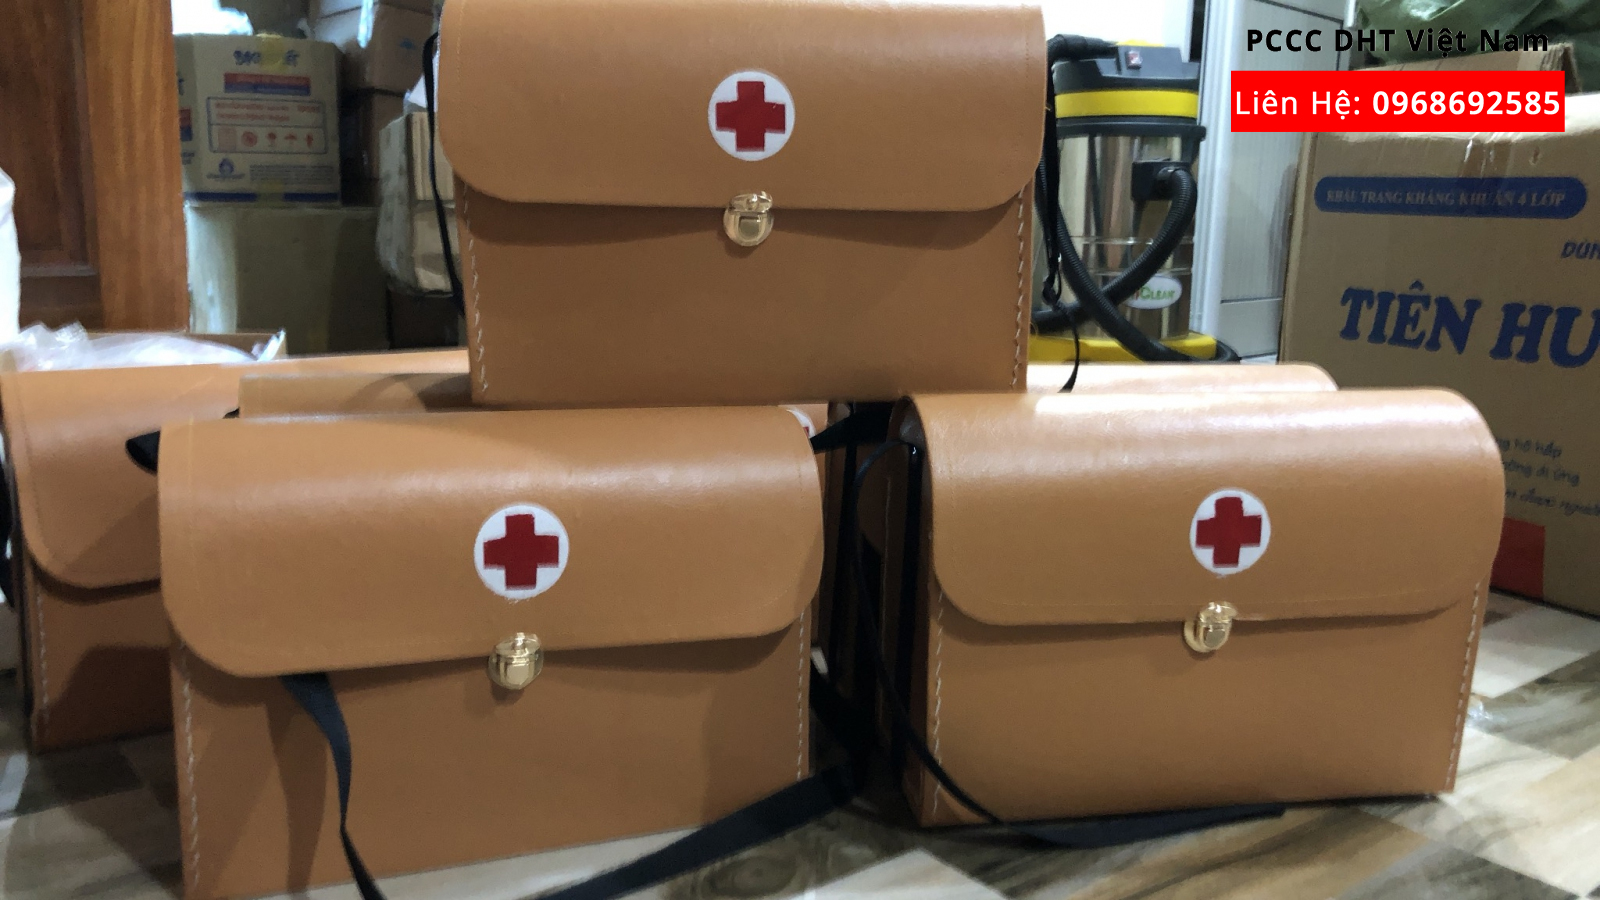 Túi cứu thương đạt chuẩn y tế